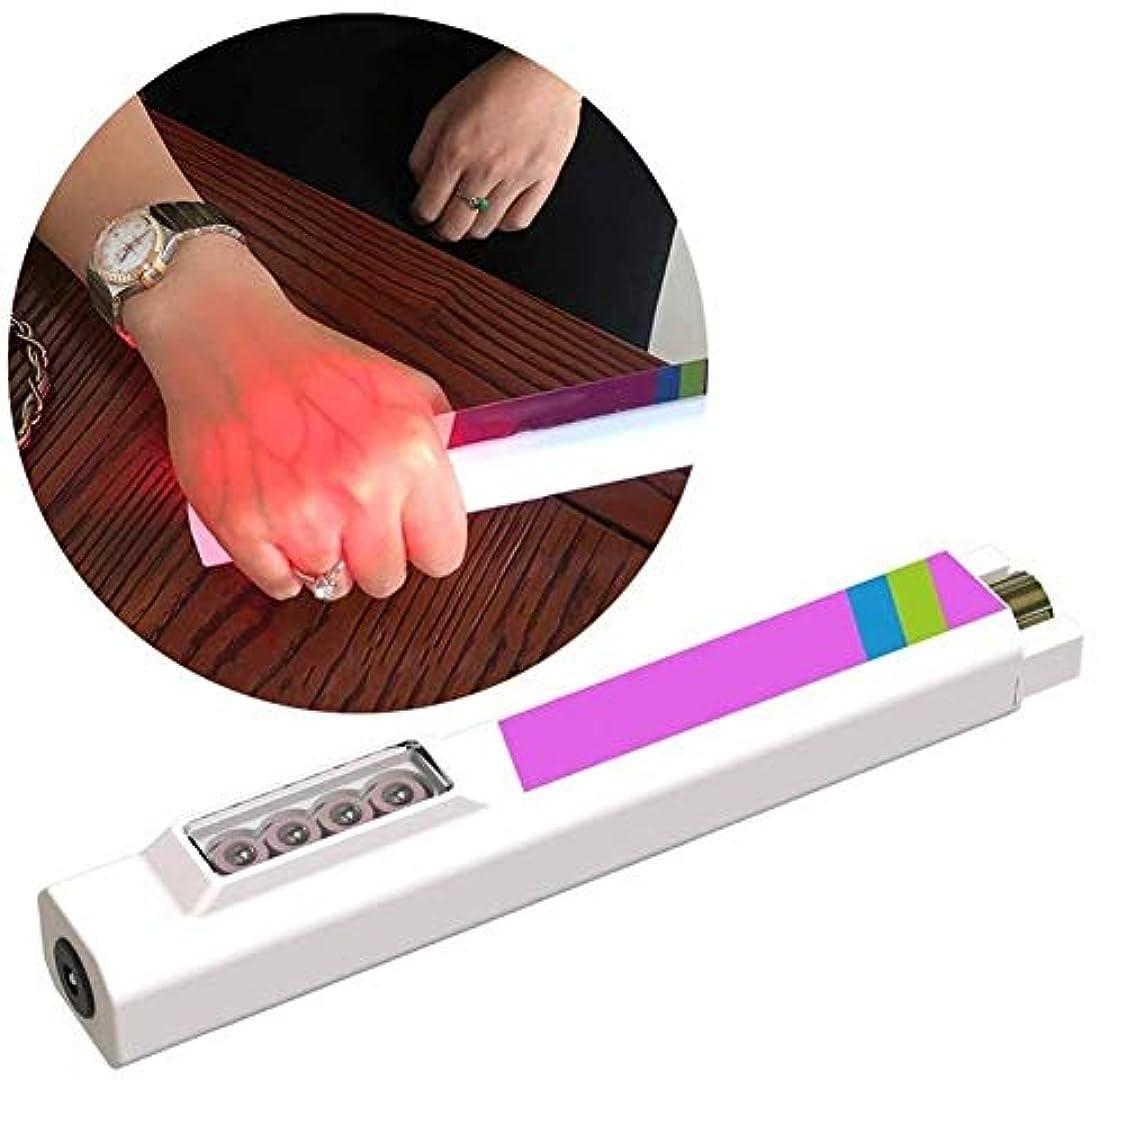 ワークショップ穿孔するエキゾチック静脈イメージング懐中電灯血管ディスプレイ懐中電灯手穿刺による血管ライトの確認皮下静脈デバイスの発見が容易